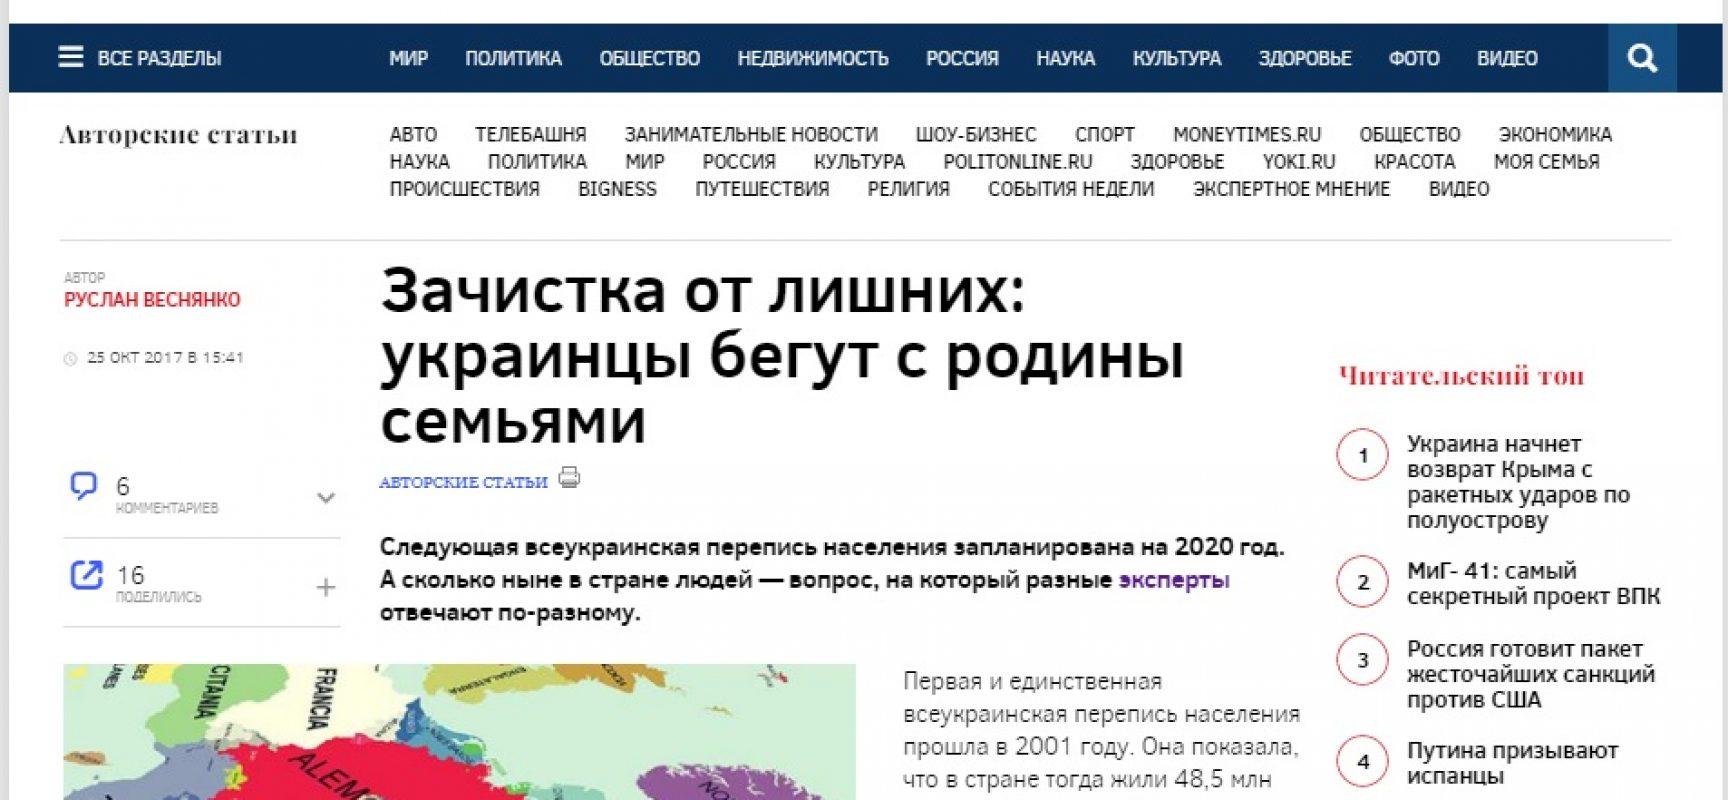 Fake: Lo spopolamento è la minaccia № 1 per l'Ucraina